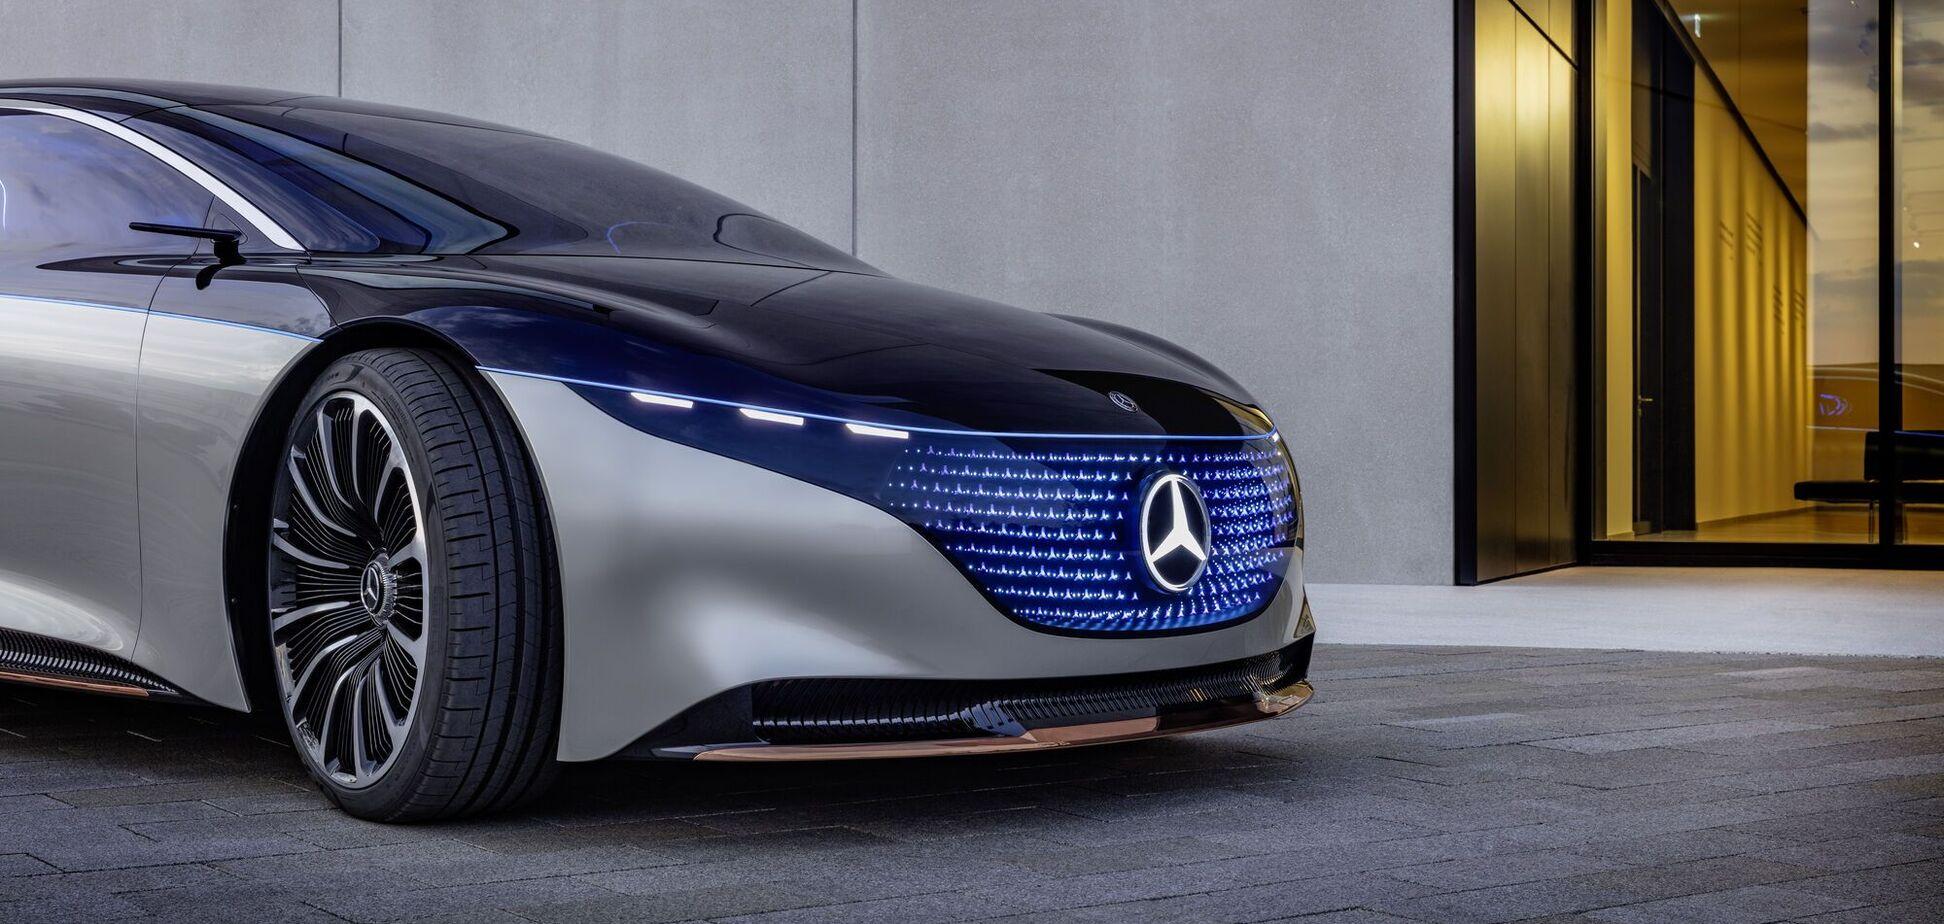 Электромобиль Mercedes-Benz сможет проехать свыше 1200 км